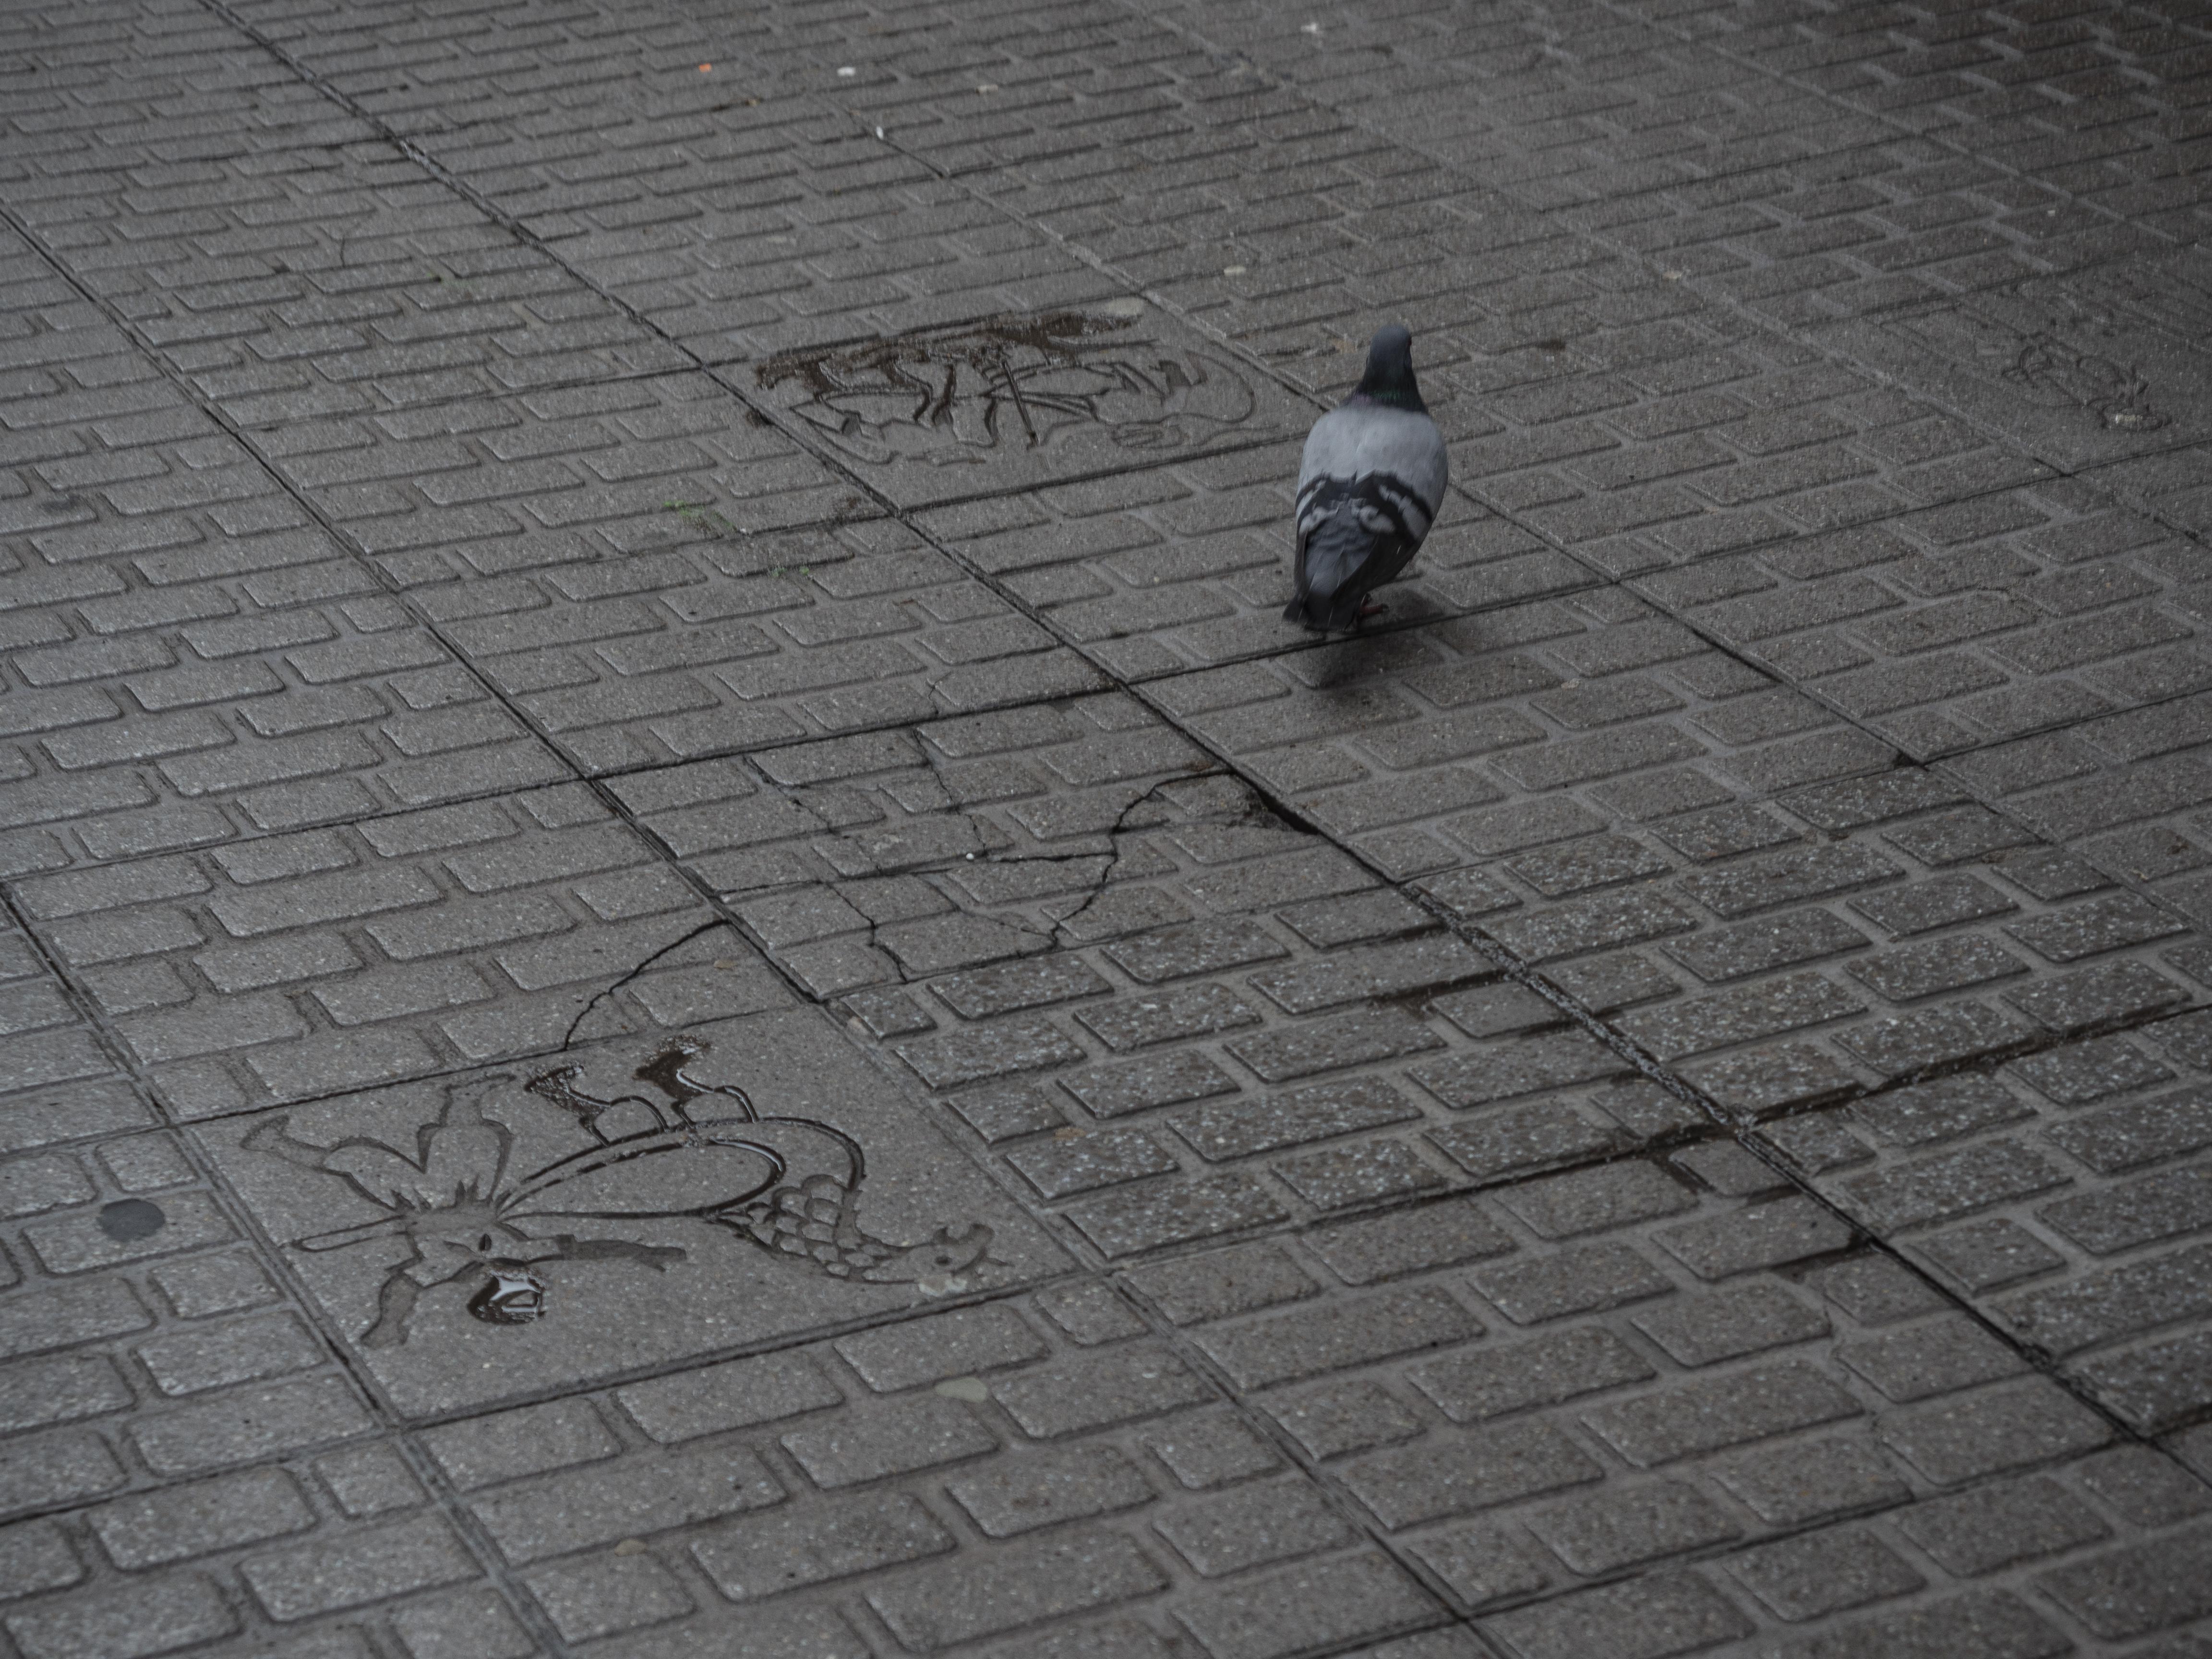 Les rajoles del Carrer Major de Berga llueixen, també, símbols patumaires. FOTO: Anna E. Puig